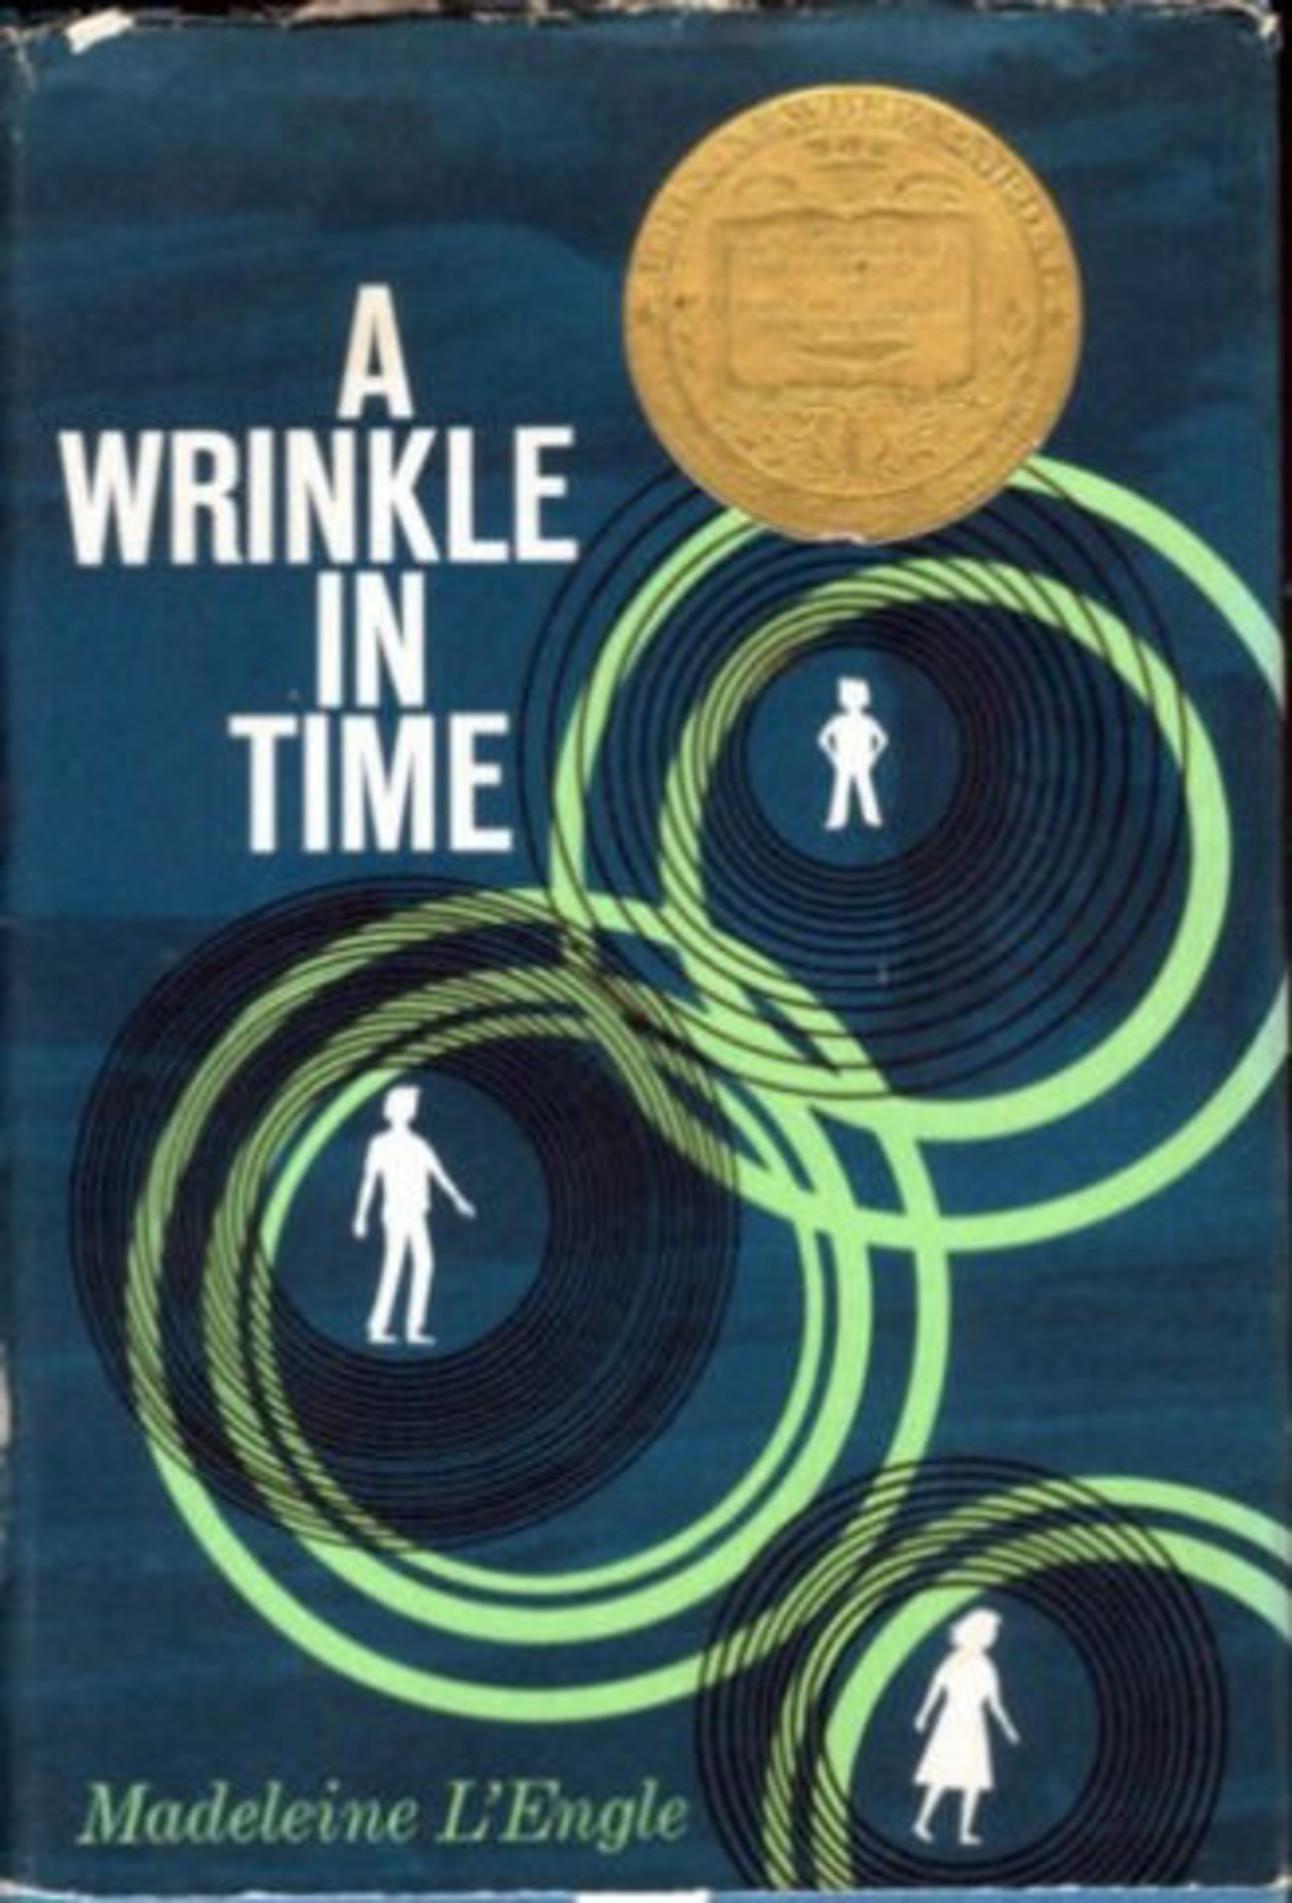 Wrinkle_in_time.jpg